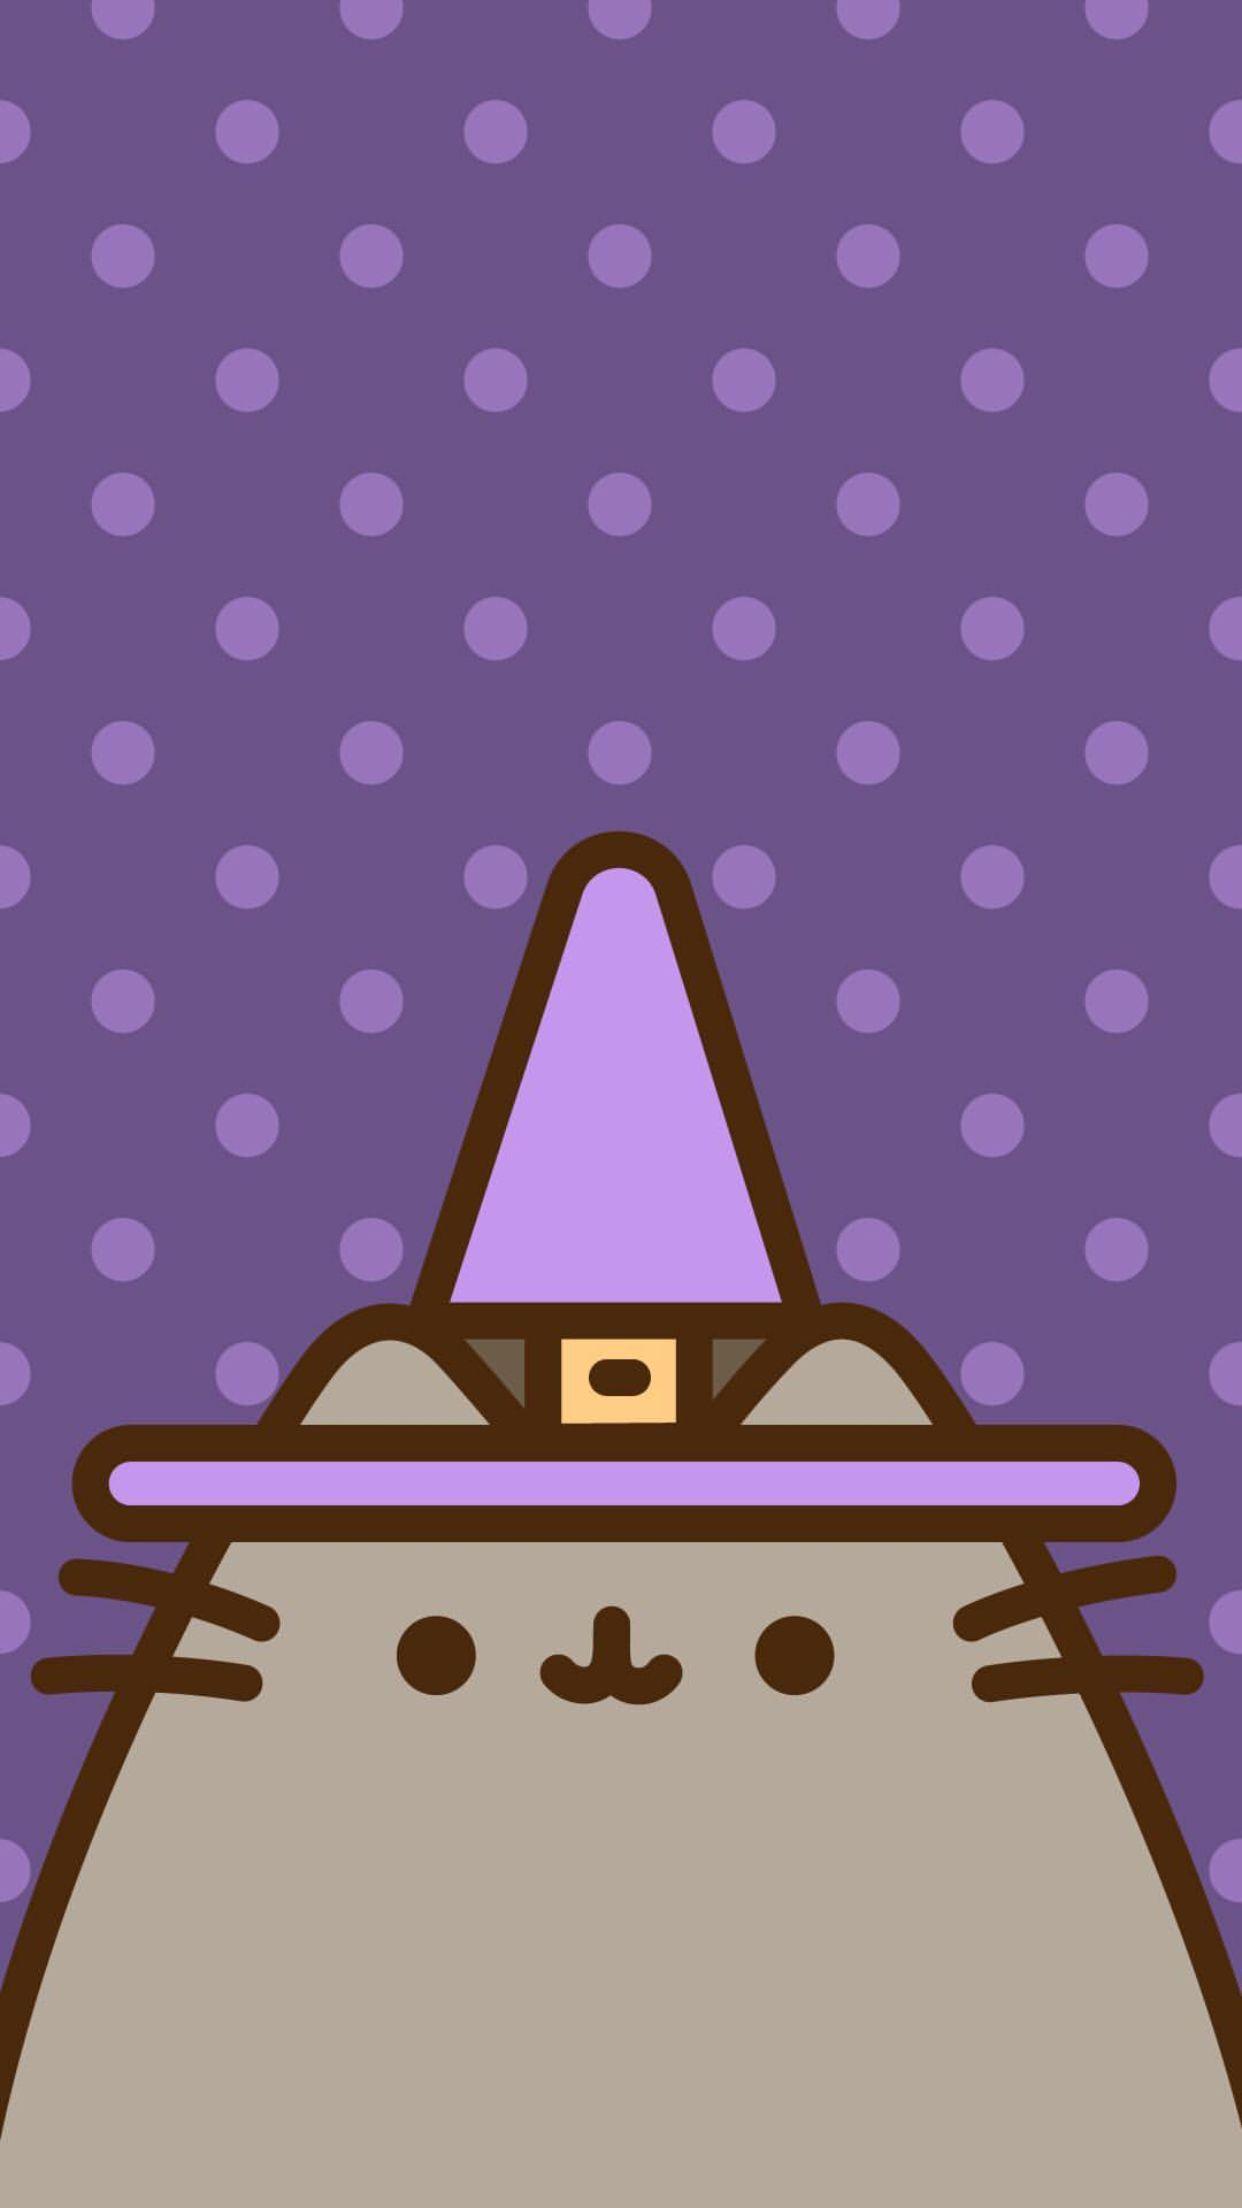 Pusheen Wallpaper Witch Wallpaper Pusheen Cat Halloween Wallpaper